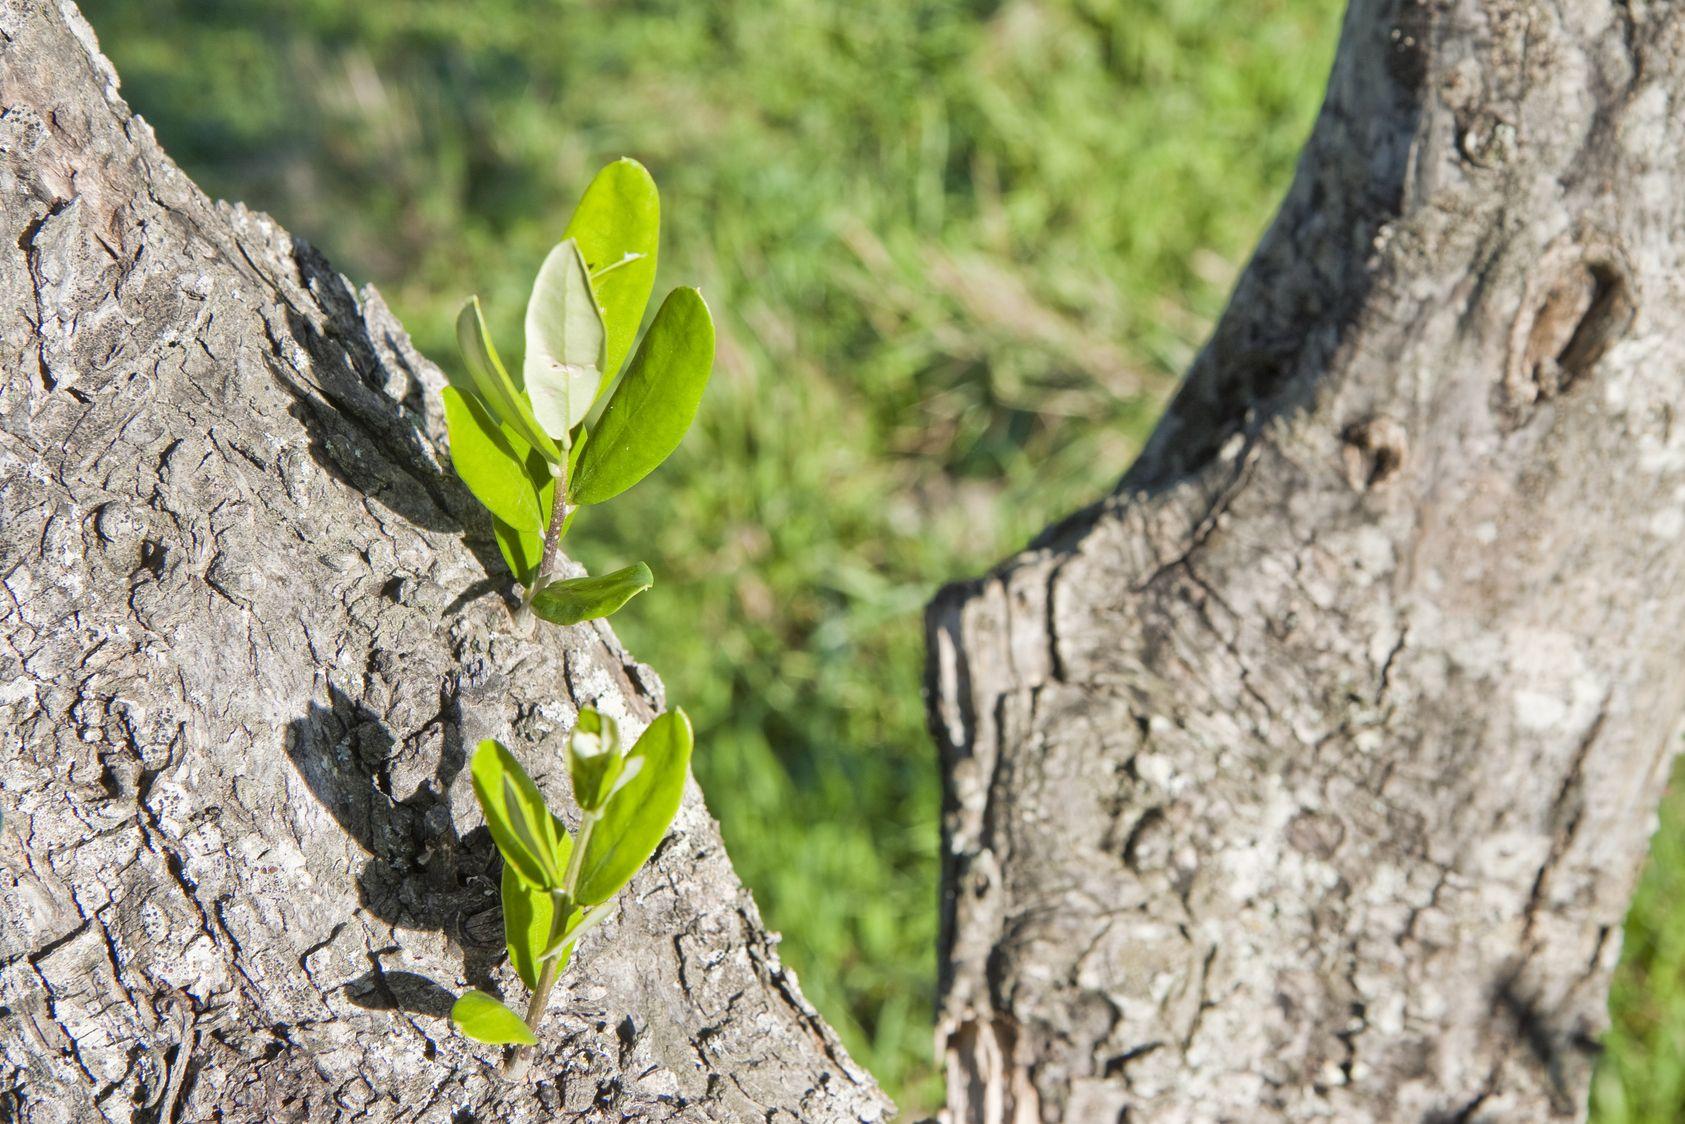 Il Cultive L Olivier olivier: faut-il ôter les branches à la base du tronc ?